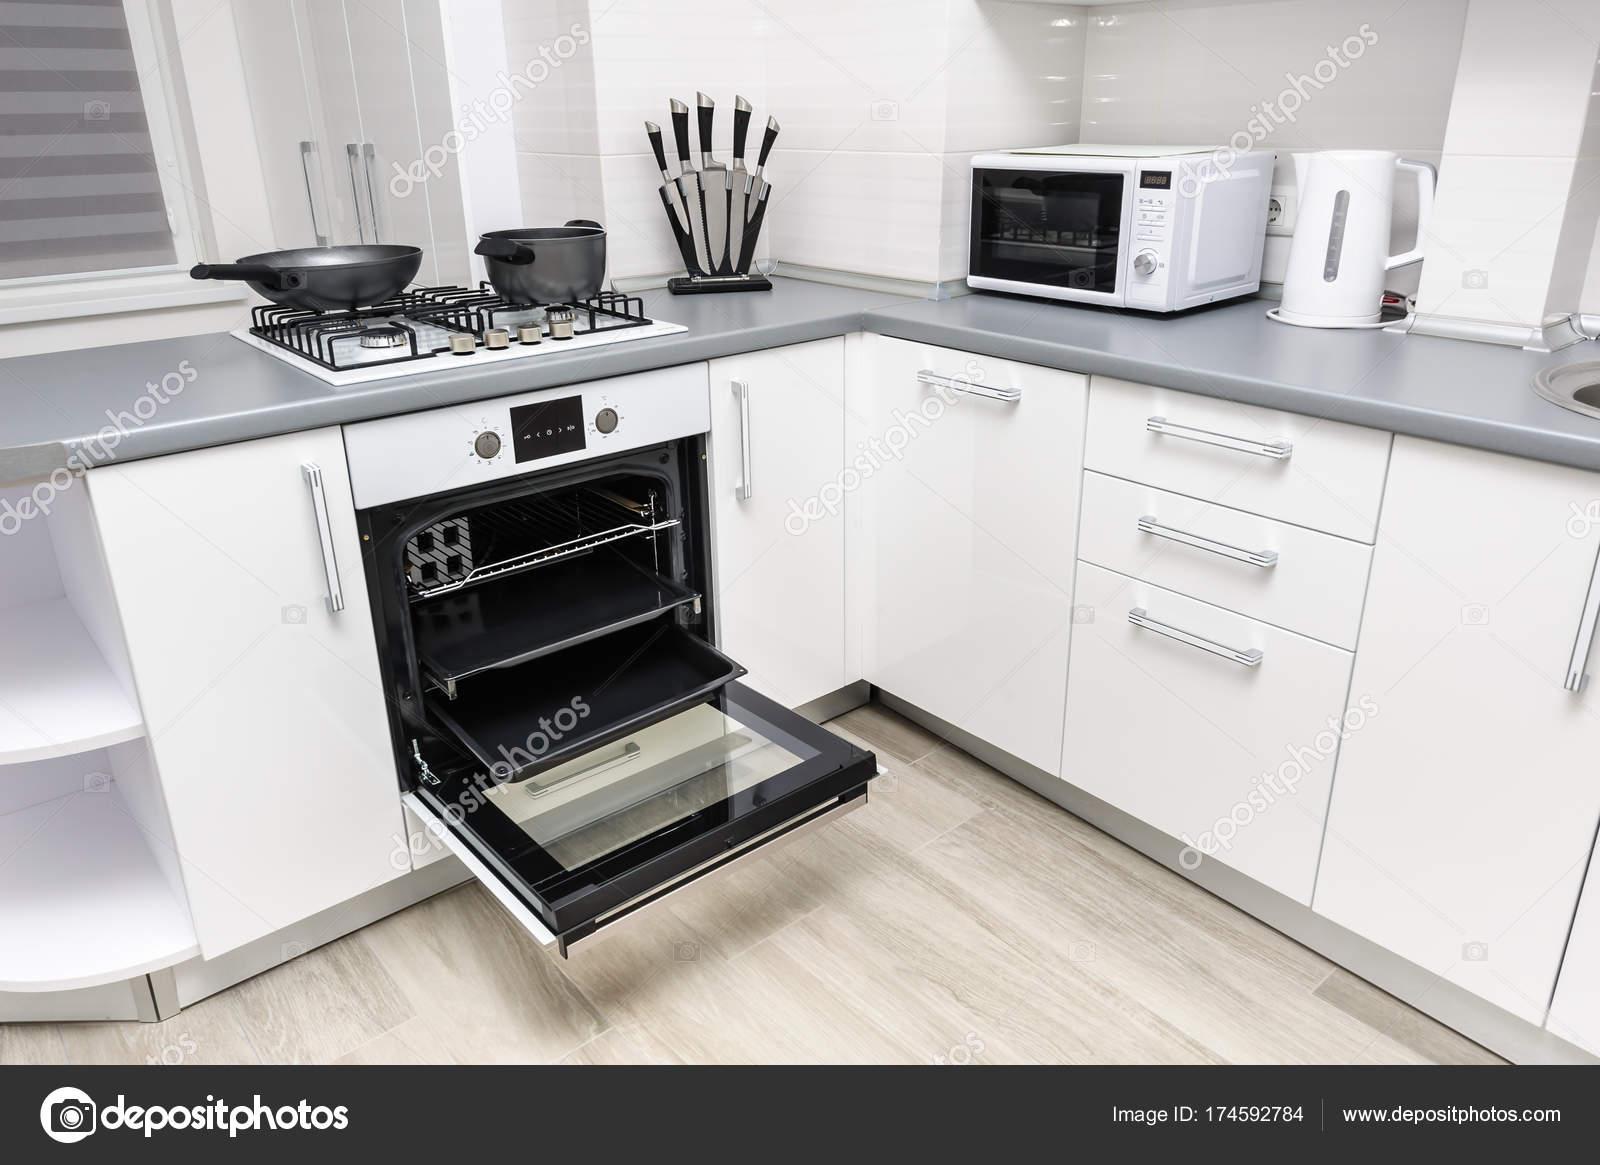 cucina bianca moderna — Foto Stock © starush #174592784